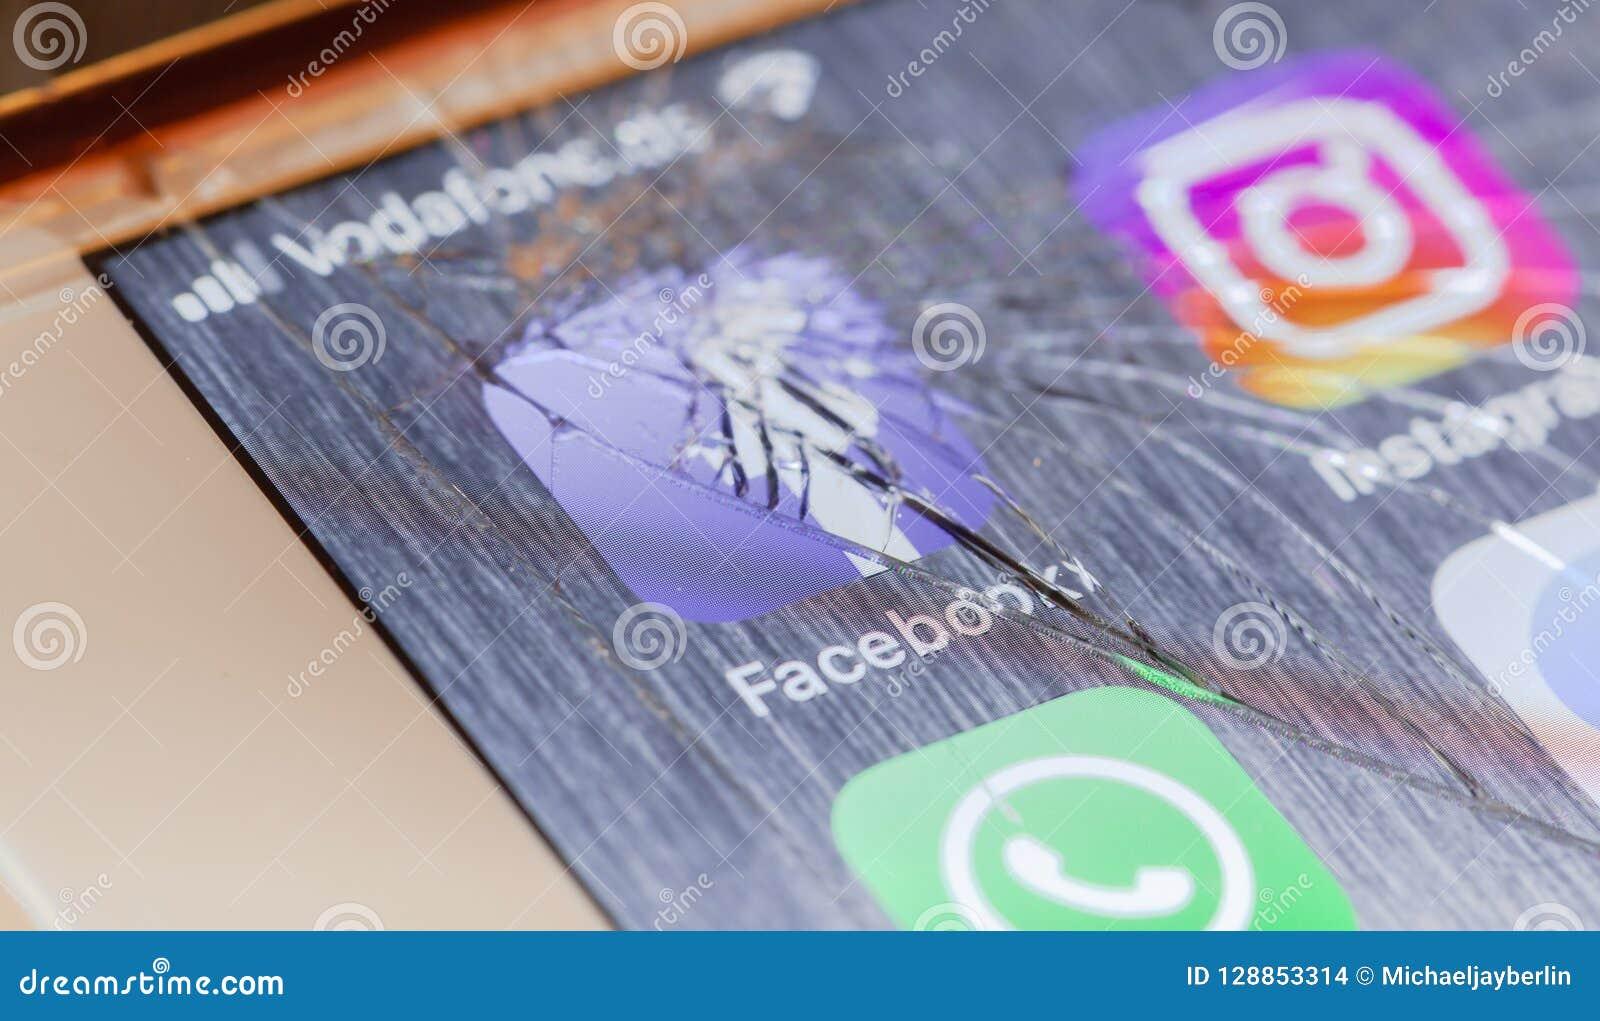 Facebook app on broken iPhone screen